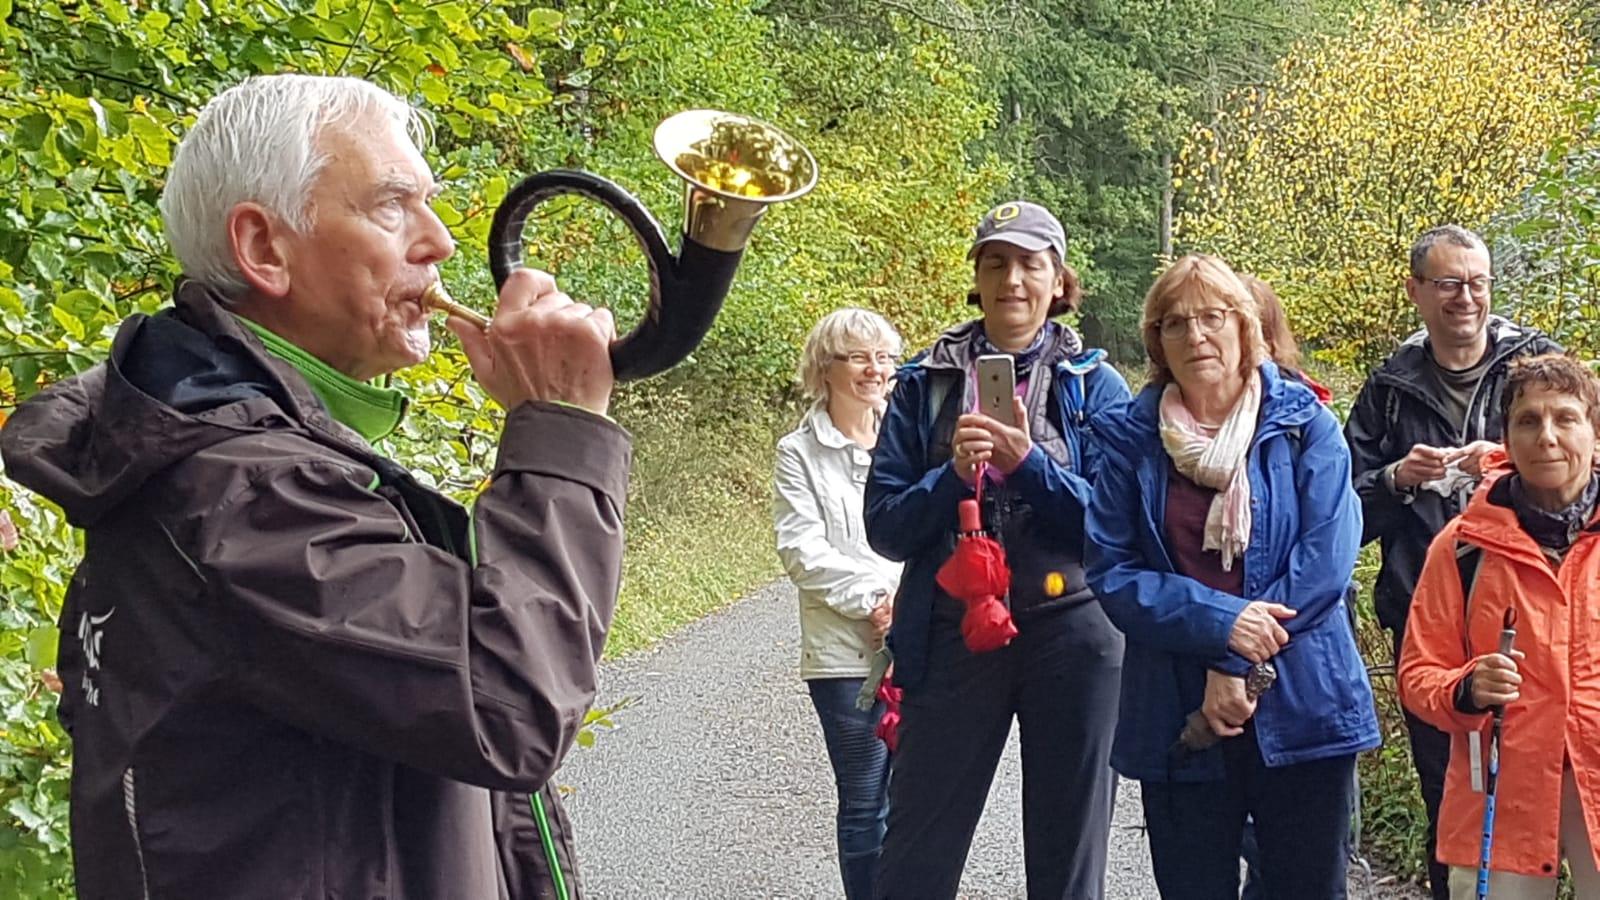 Kulinarische Wanderung Wild 10 2019 Wolfgang Gut geführt!